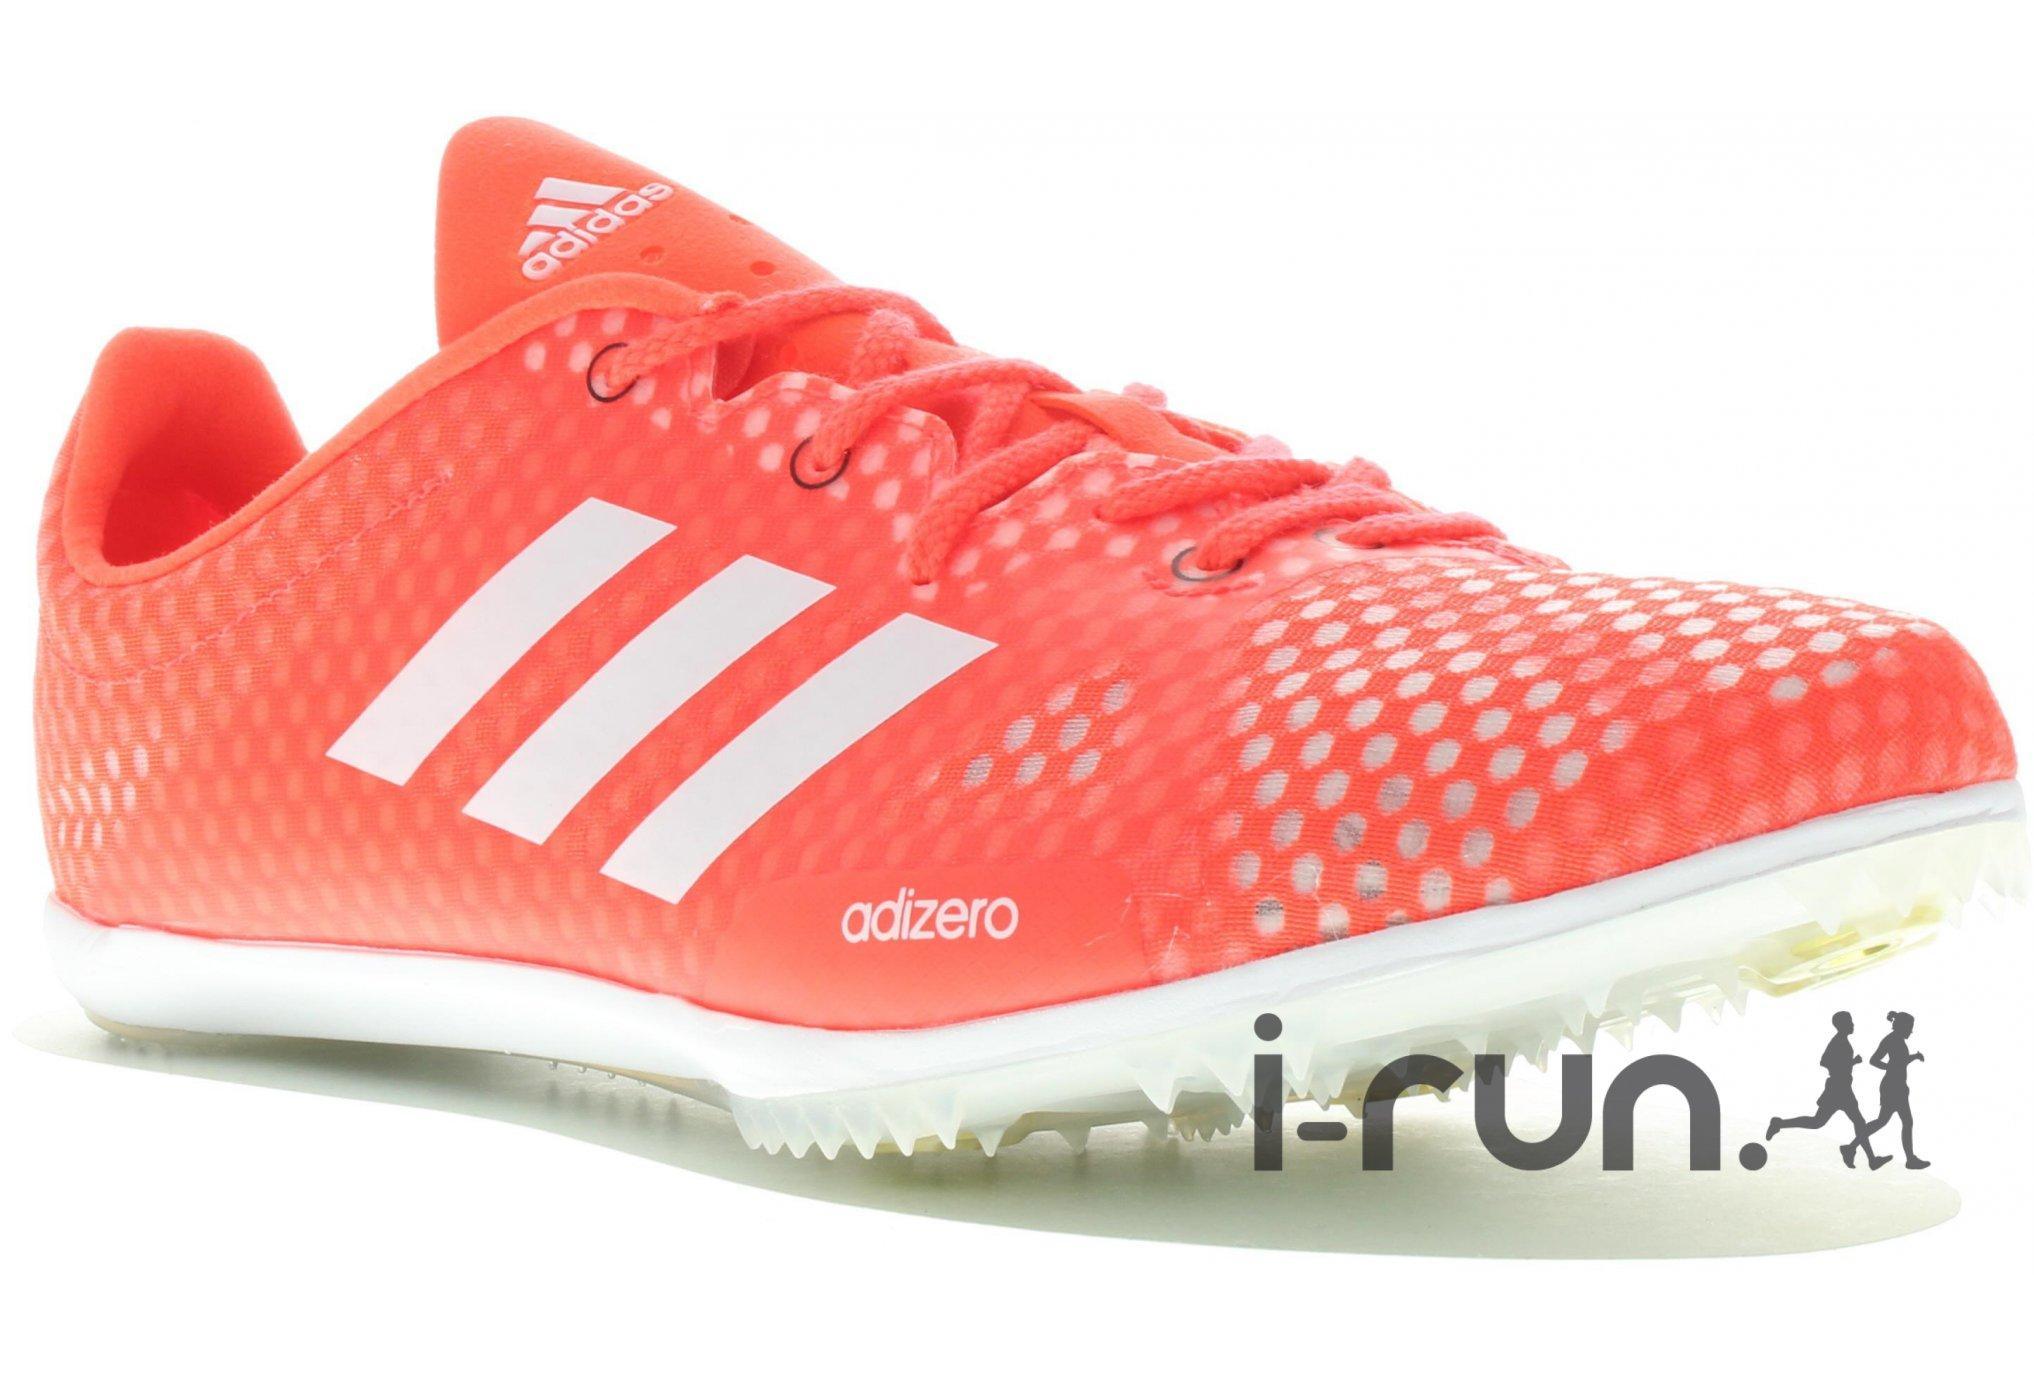 Adidas Adizero ambition 4 w chaussures running femme